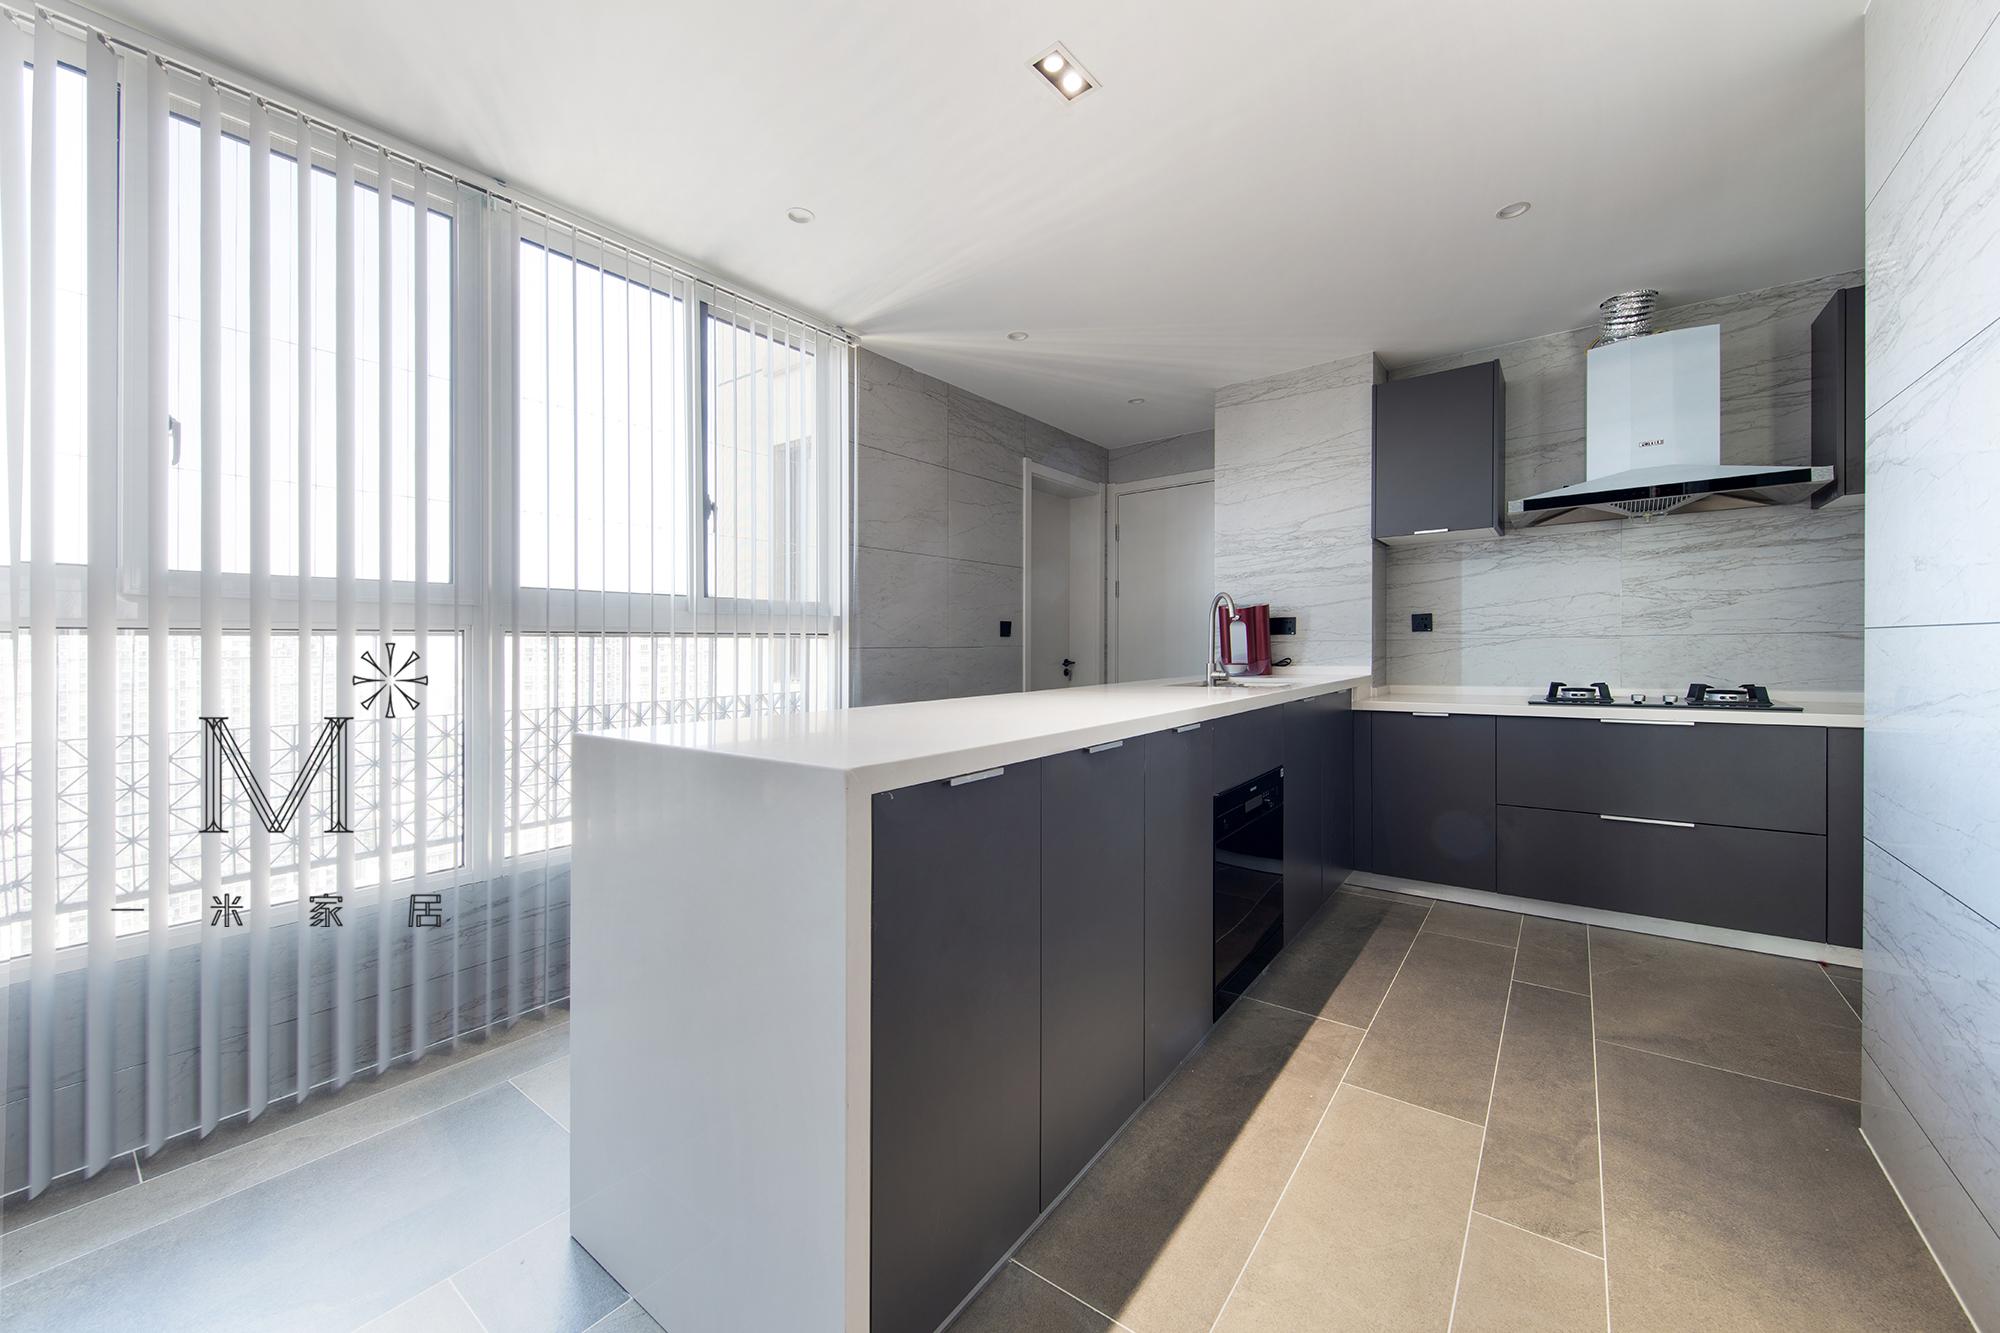 好看的现代北欧风格厨房设计客厅2图现代简约客厅设计图片赏析